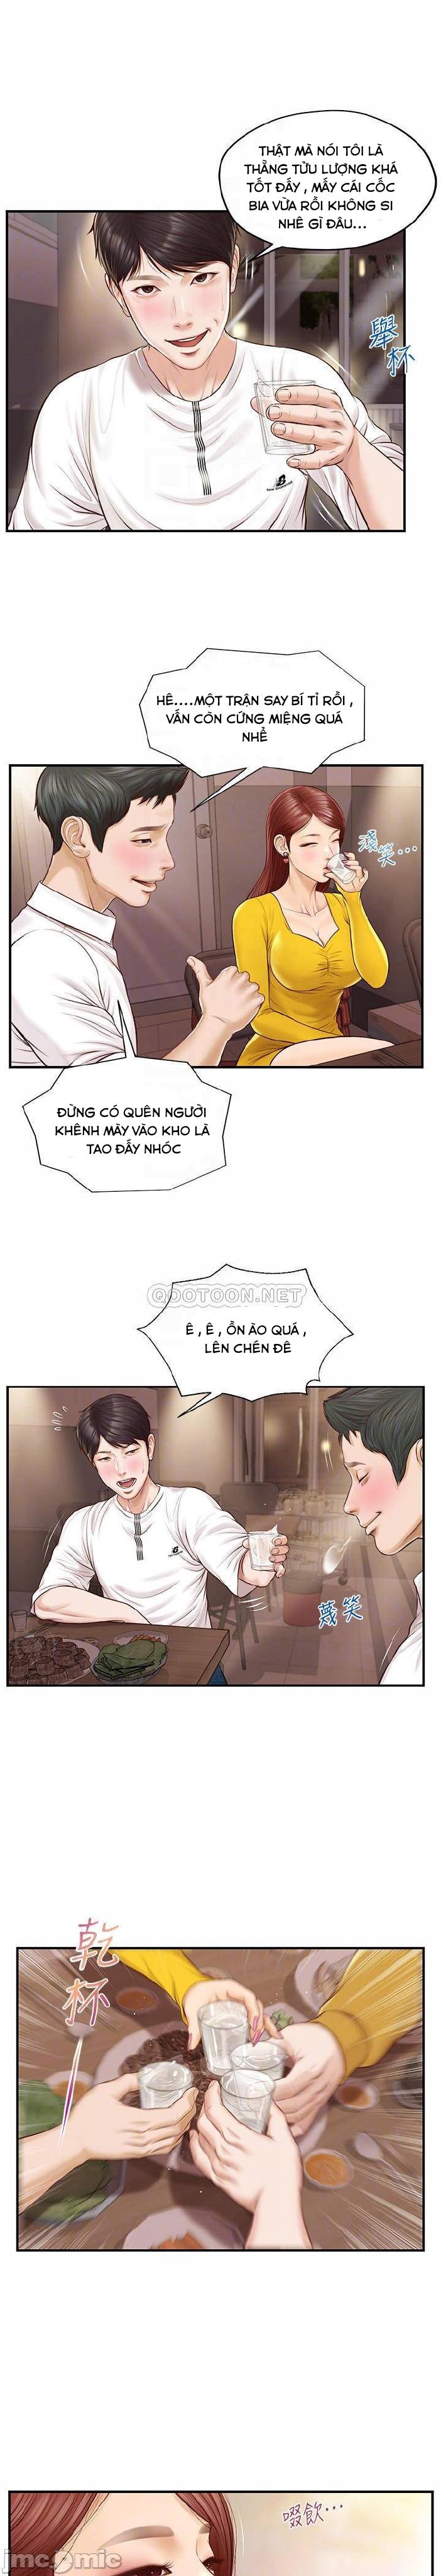 Thanh Niên Trong Sáng chapter 3 - Trang 15